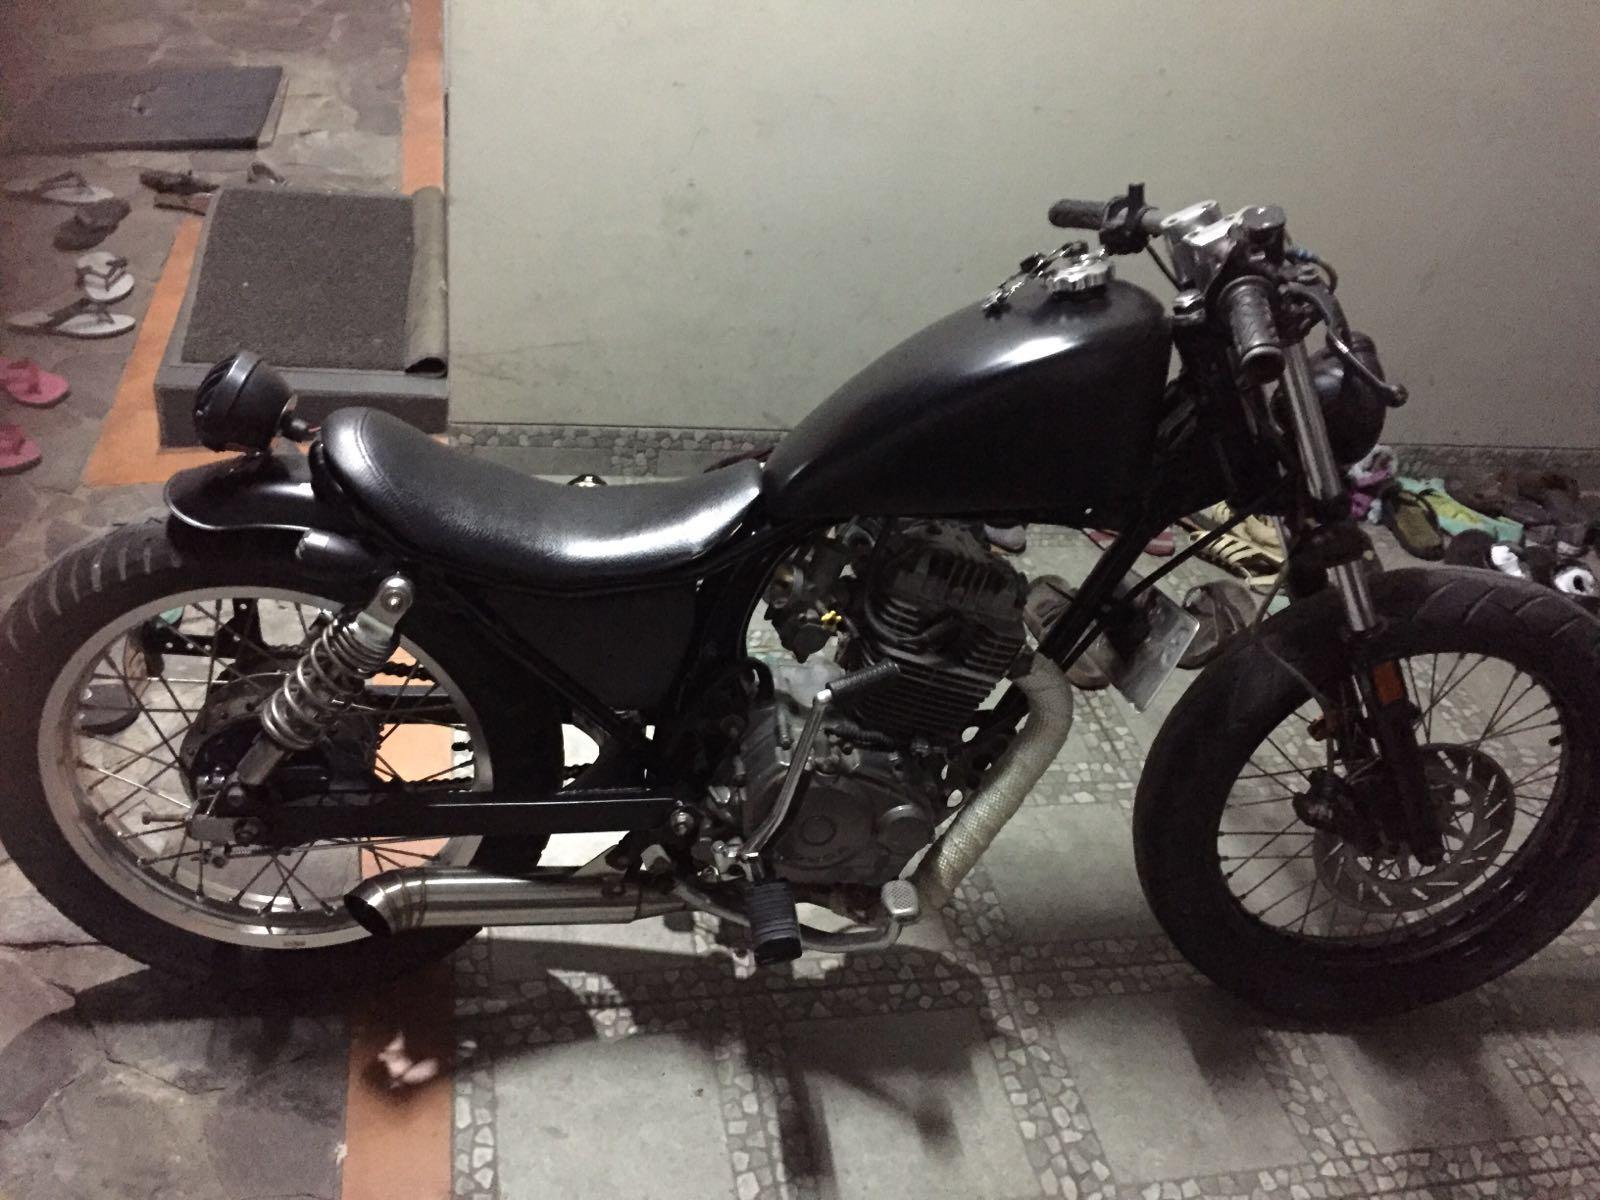 78 Modifikasi Motor Gl Max Harley Terbaru Kuroko Motor